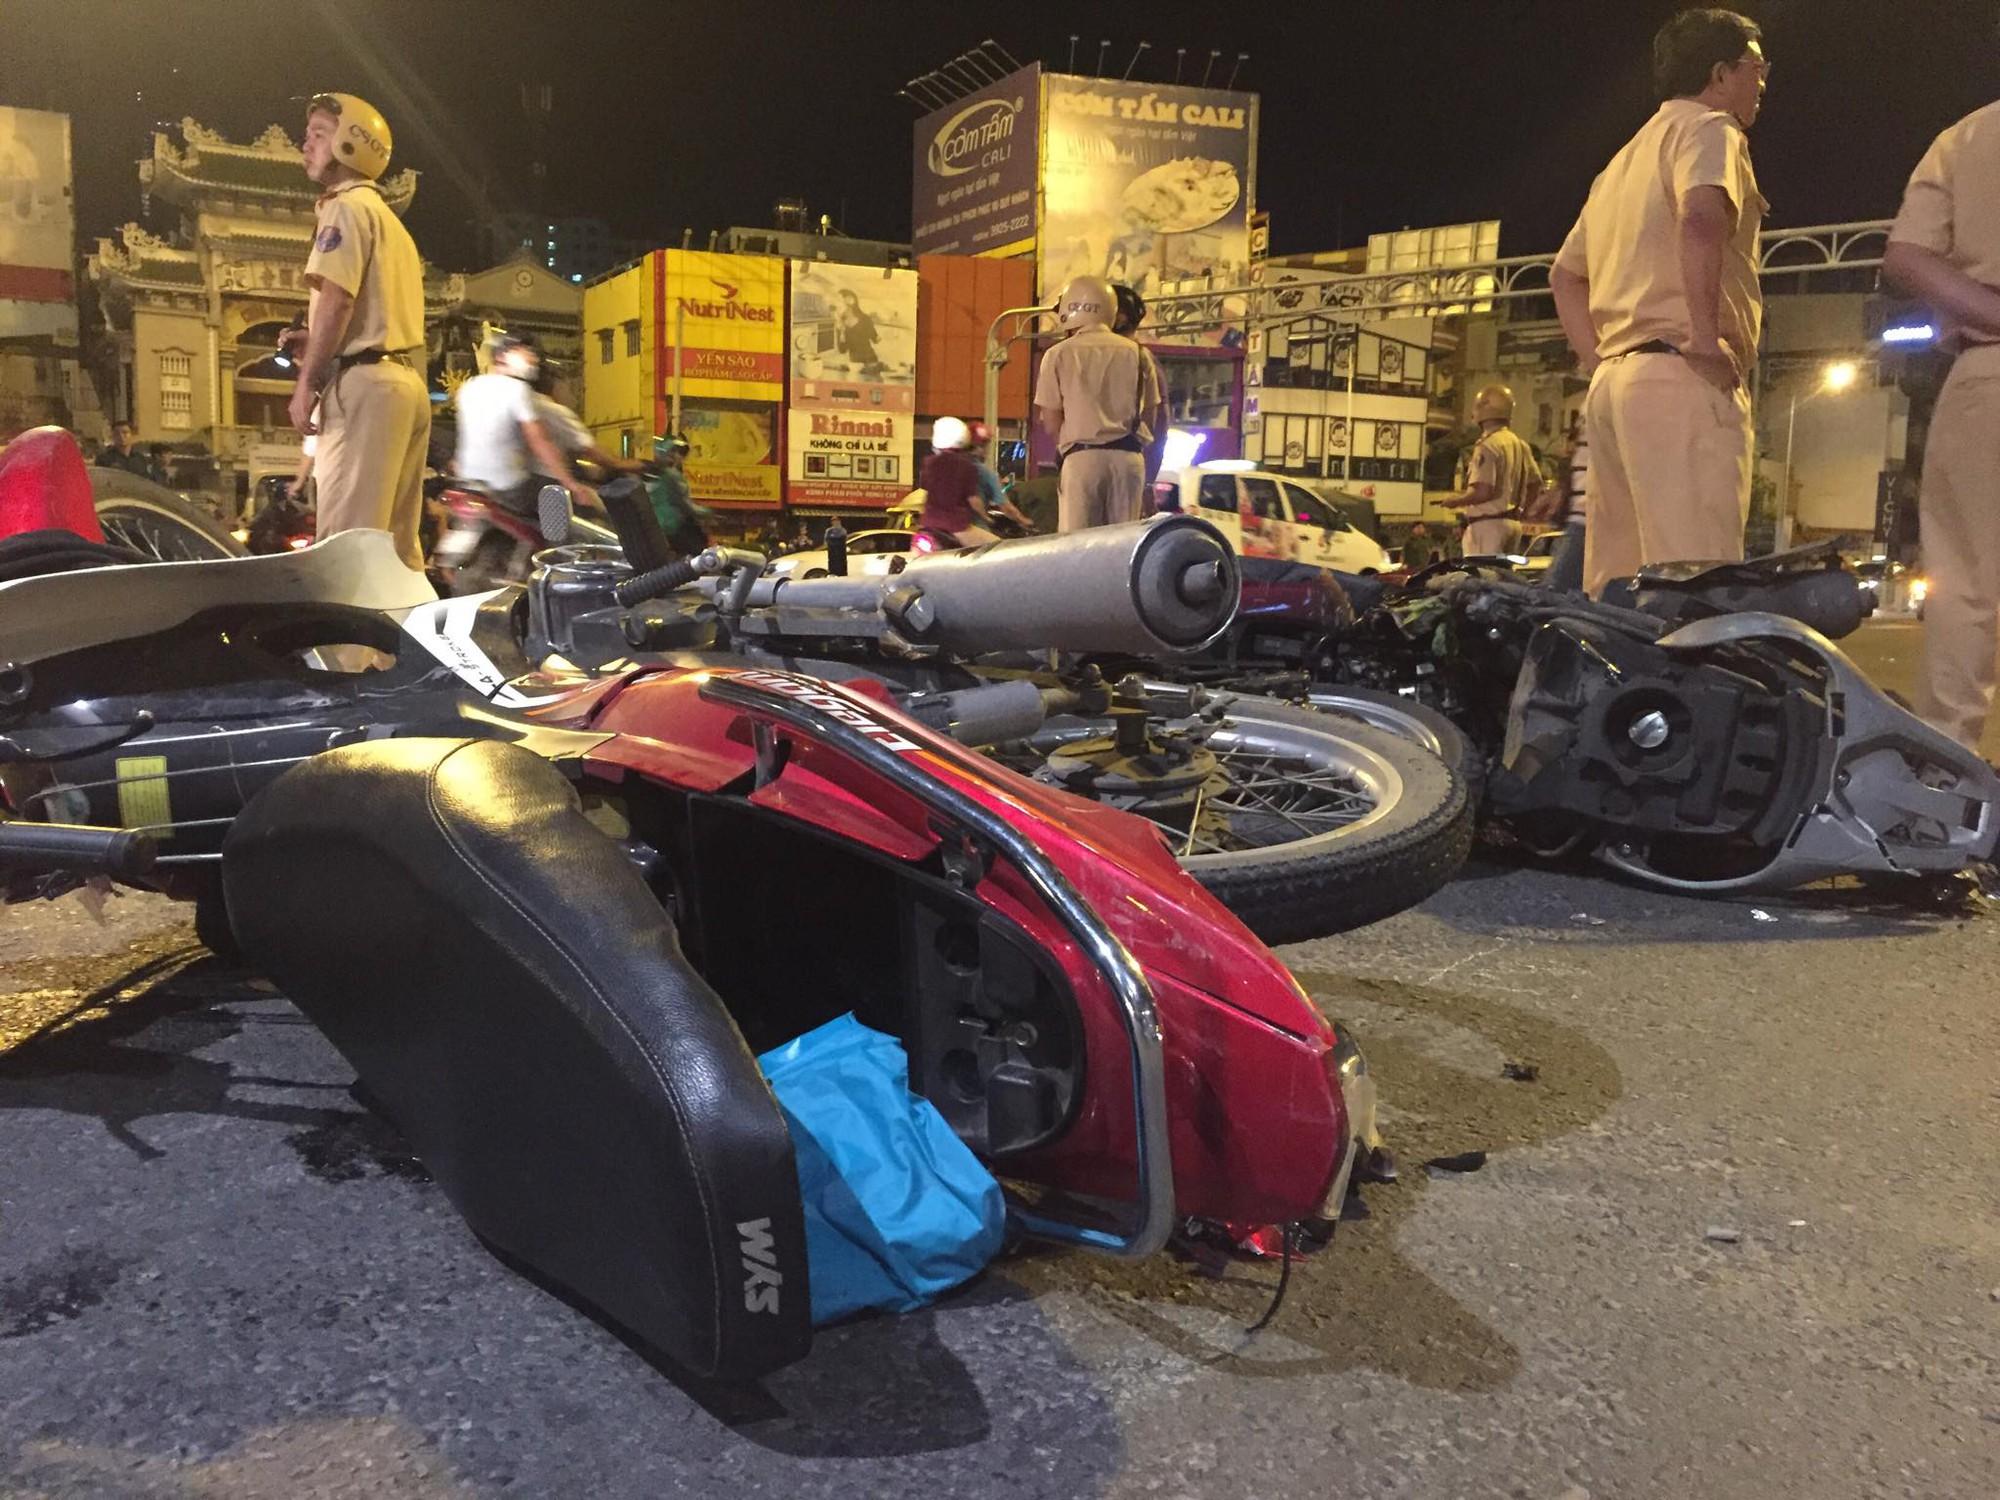 Tai nạn ngã tư Hàng Xanh: Nữ tài xế BMW gây tai nạn kinh hoàng ở TPHCM - Ảnh 6.